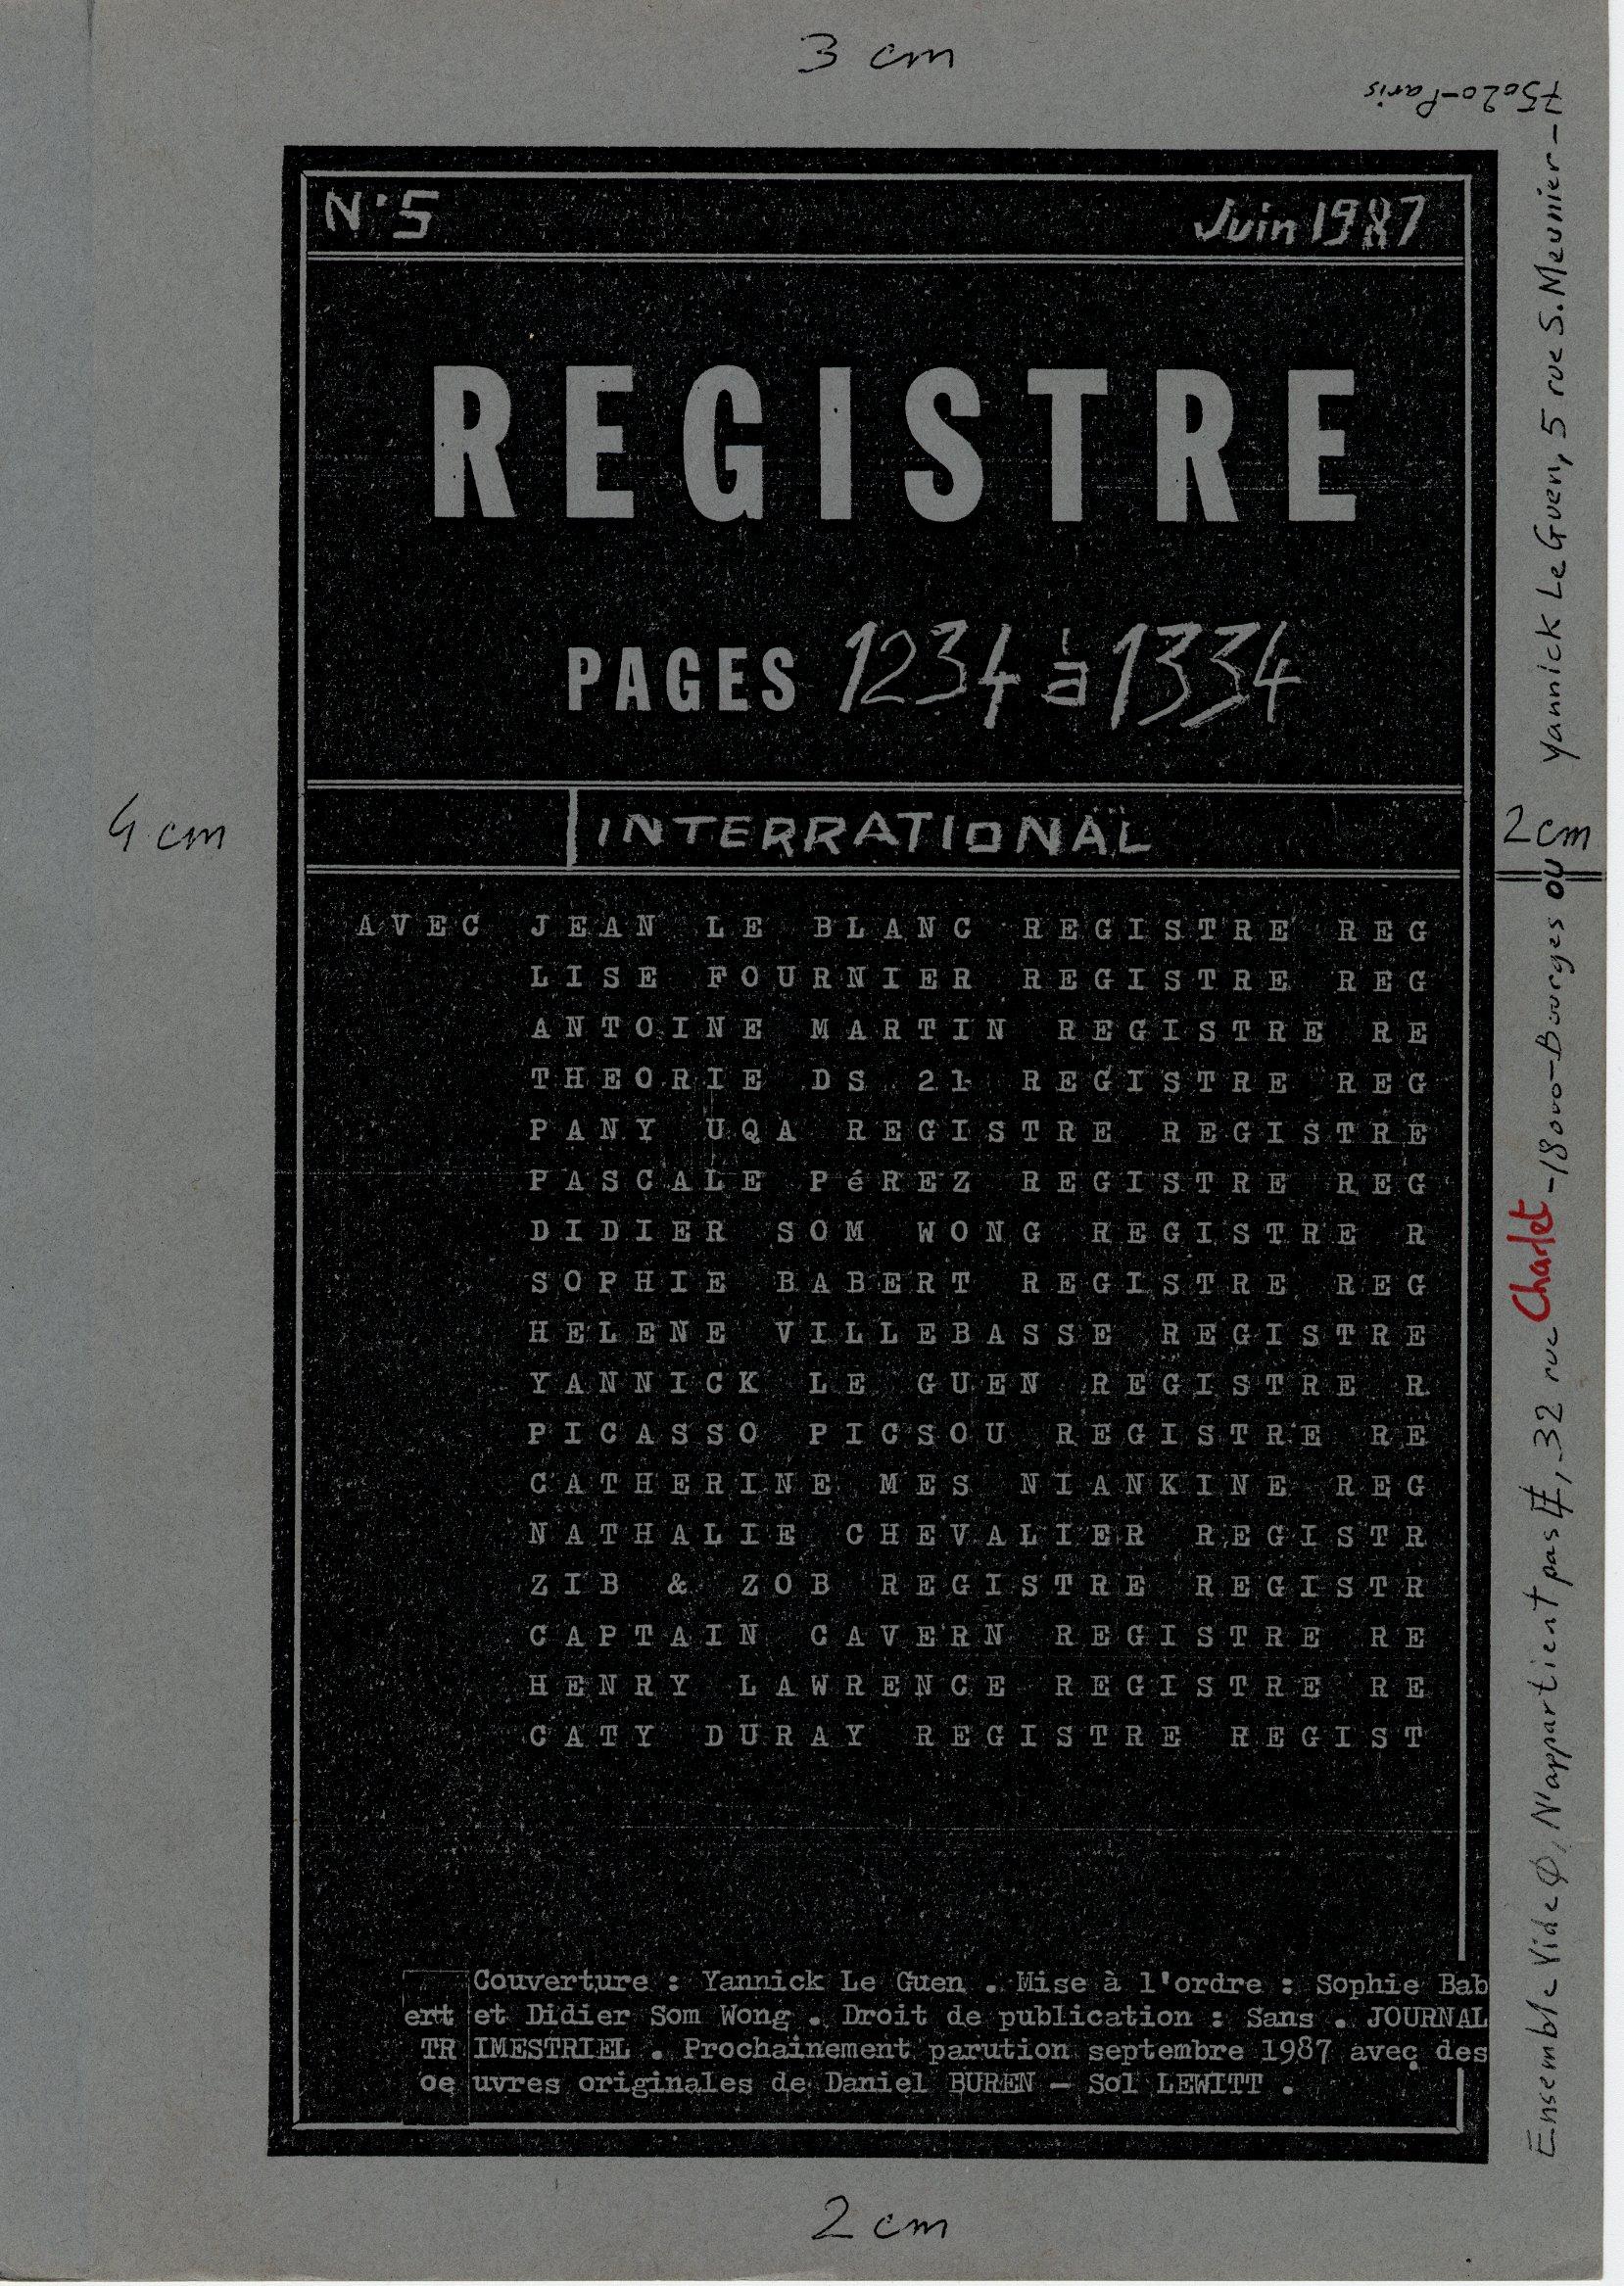 page 1234a la une